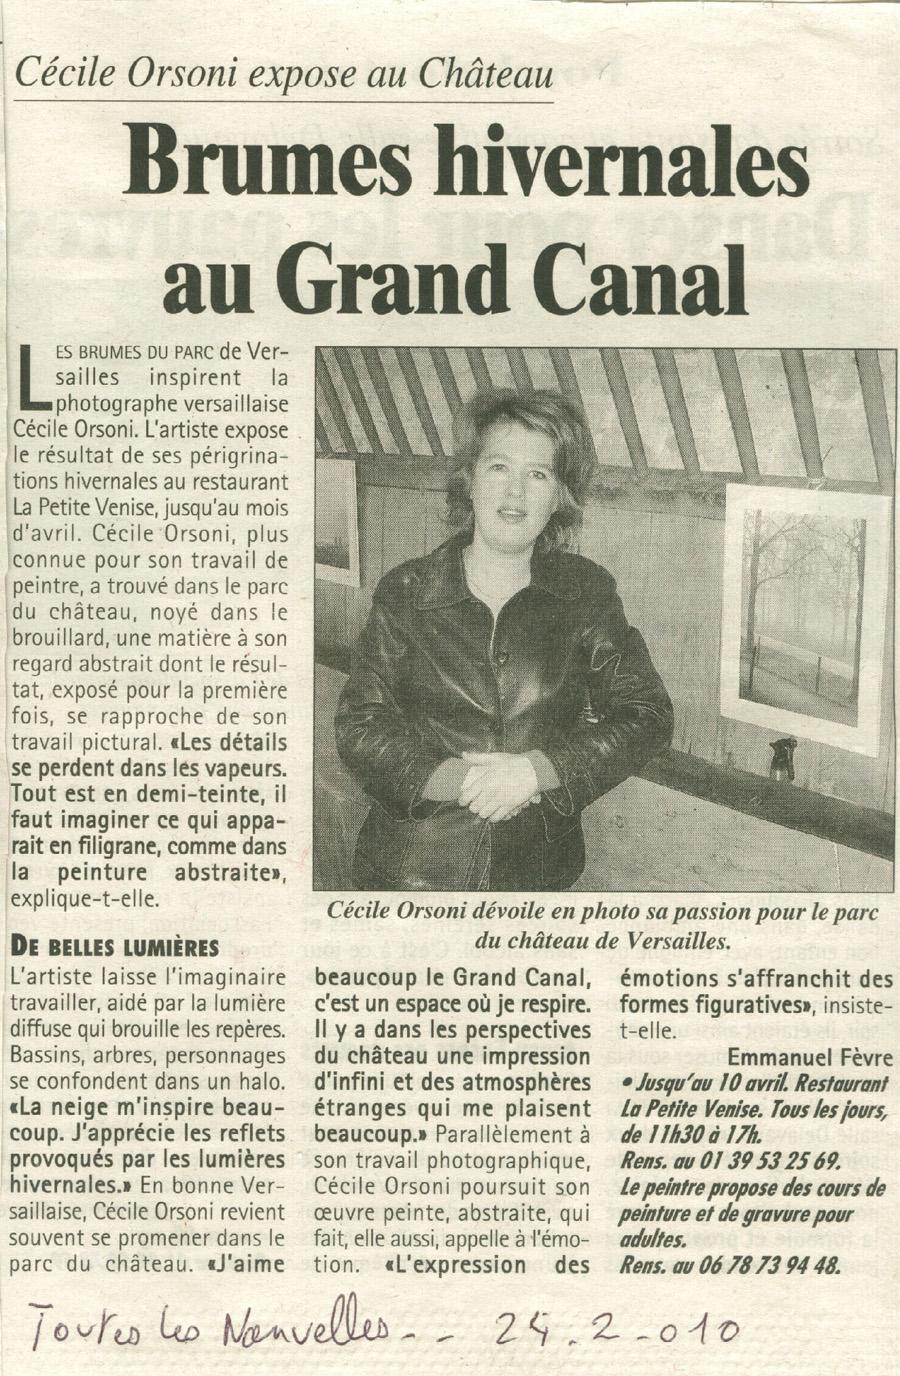 exposition photo de C.Orsoni au Chateau de Versailles